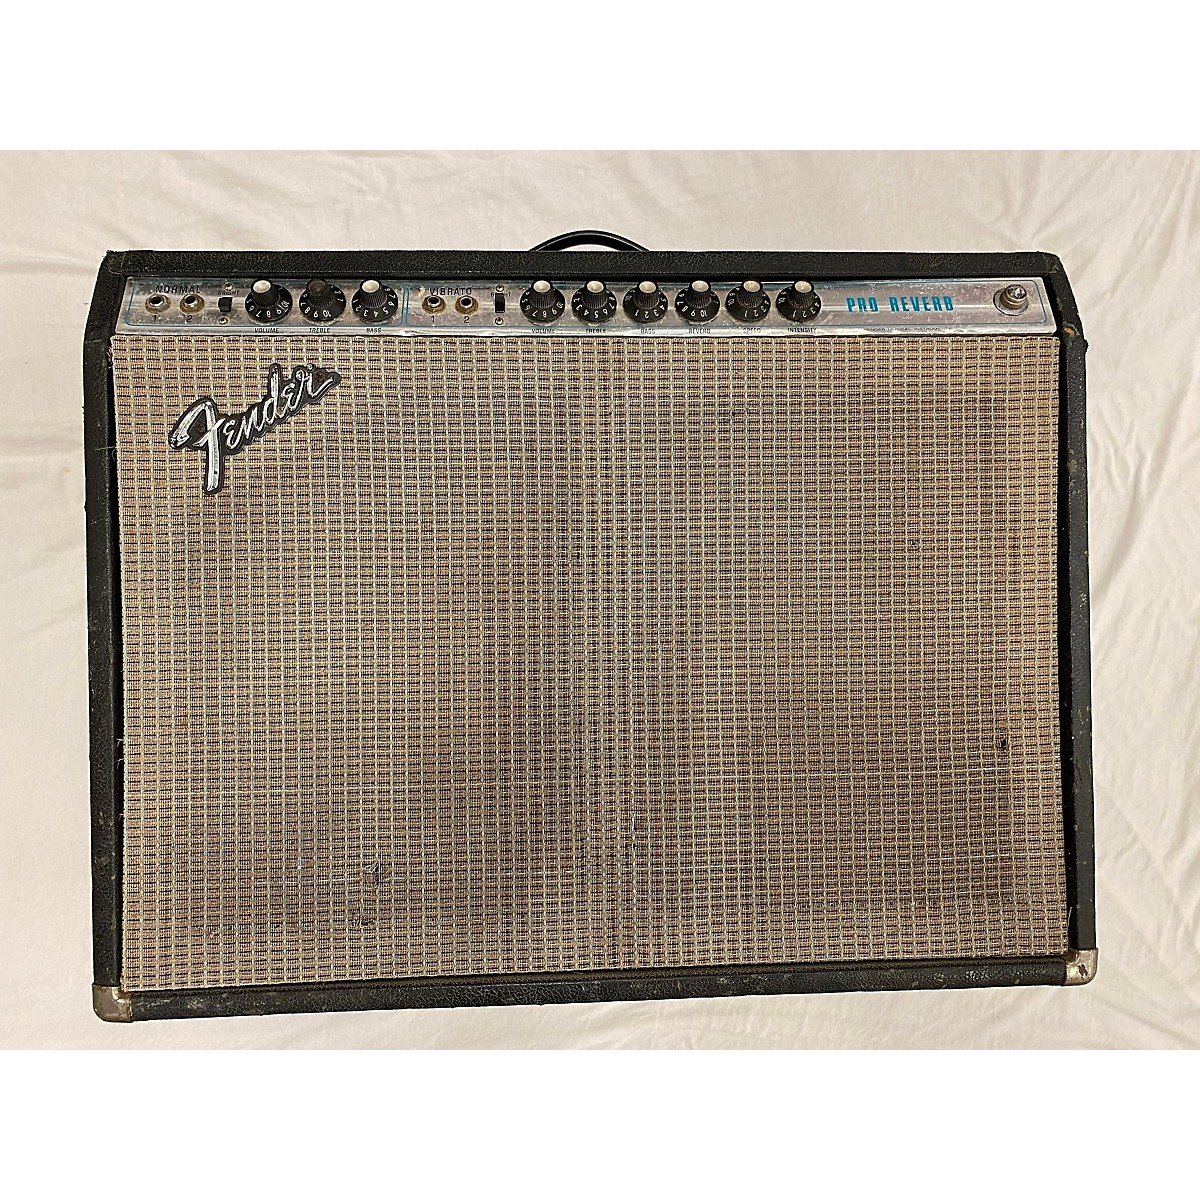 Fender 1974 Pro Reverb Tube Guitar Combo Amp